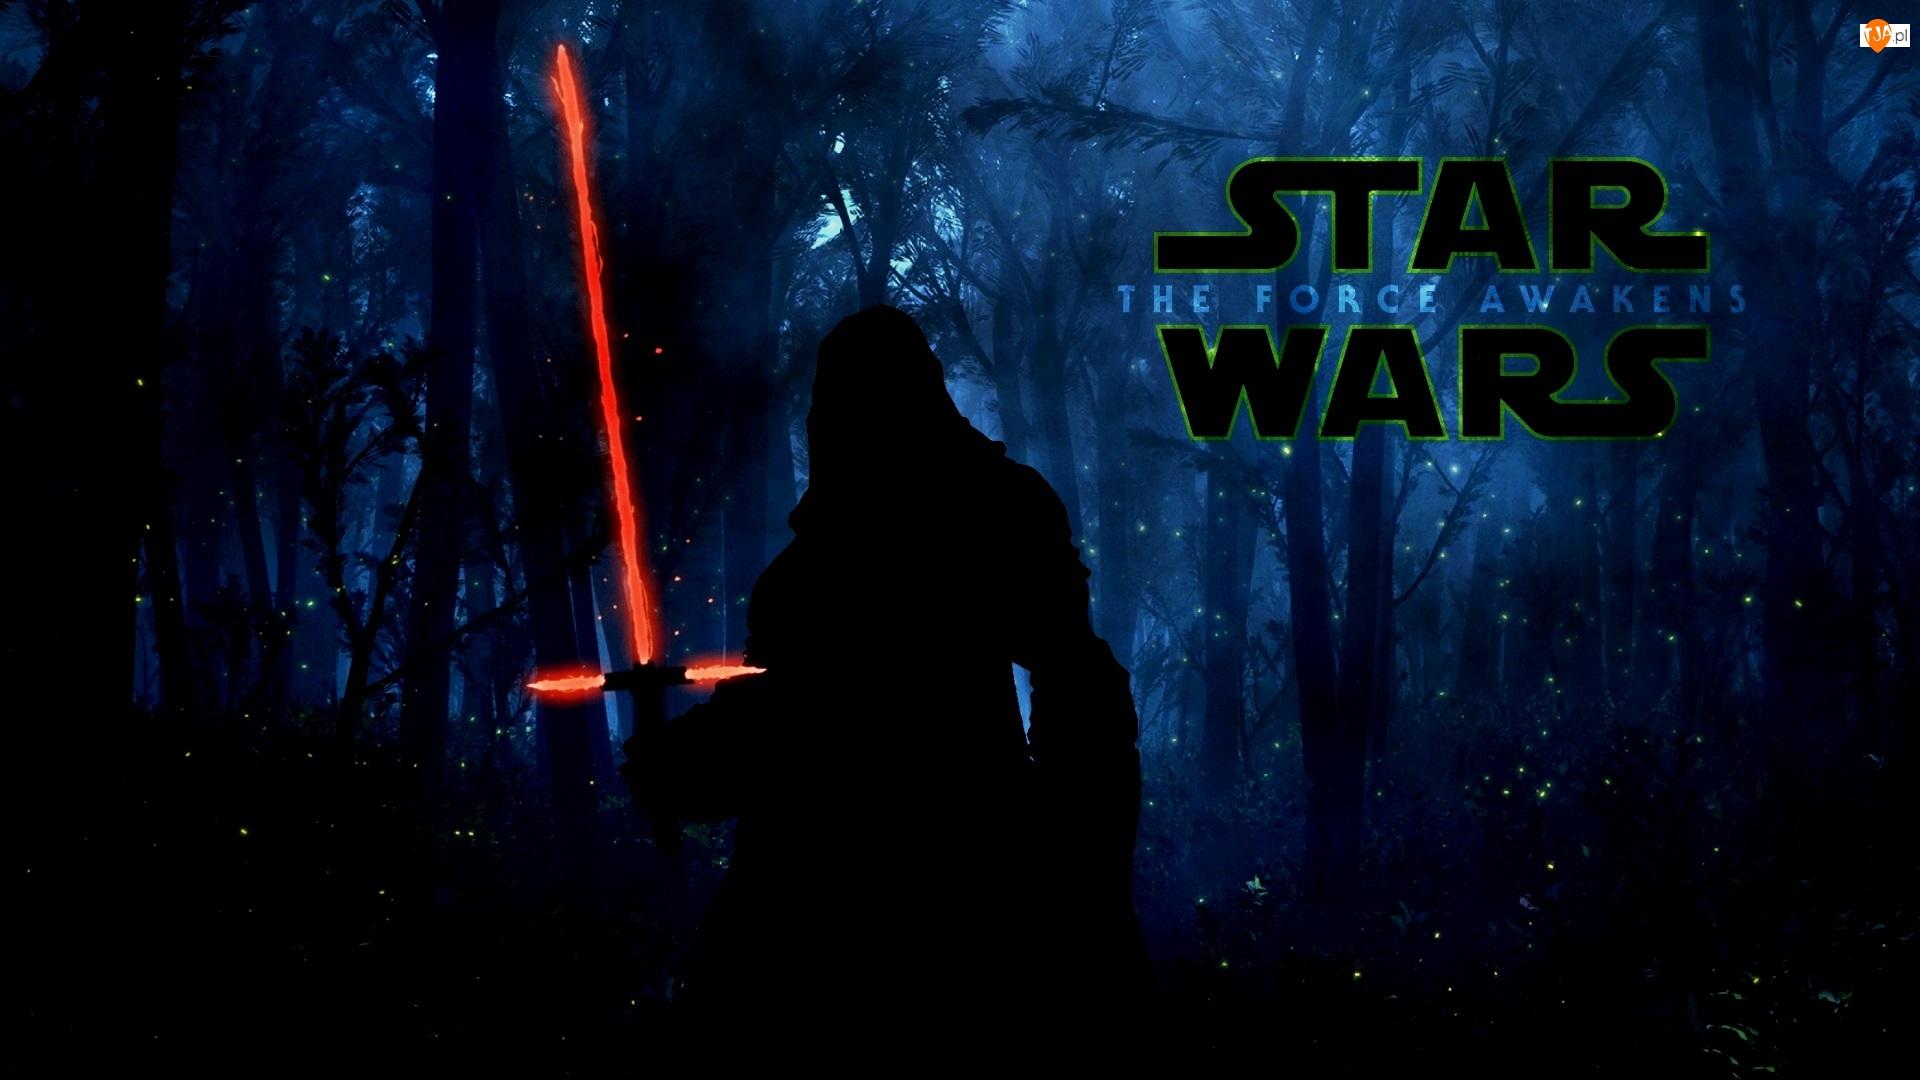 Gwiezdne wojny: Przebudzenie Mocy, Miecz, Star Wars: The Force Awakens Postać, Świecący